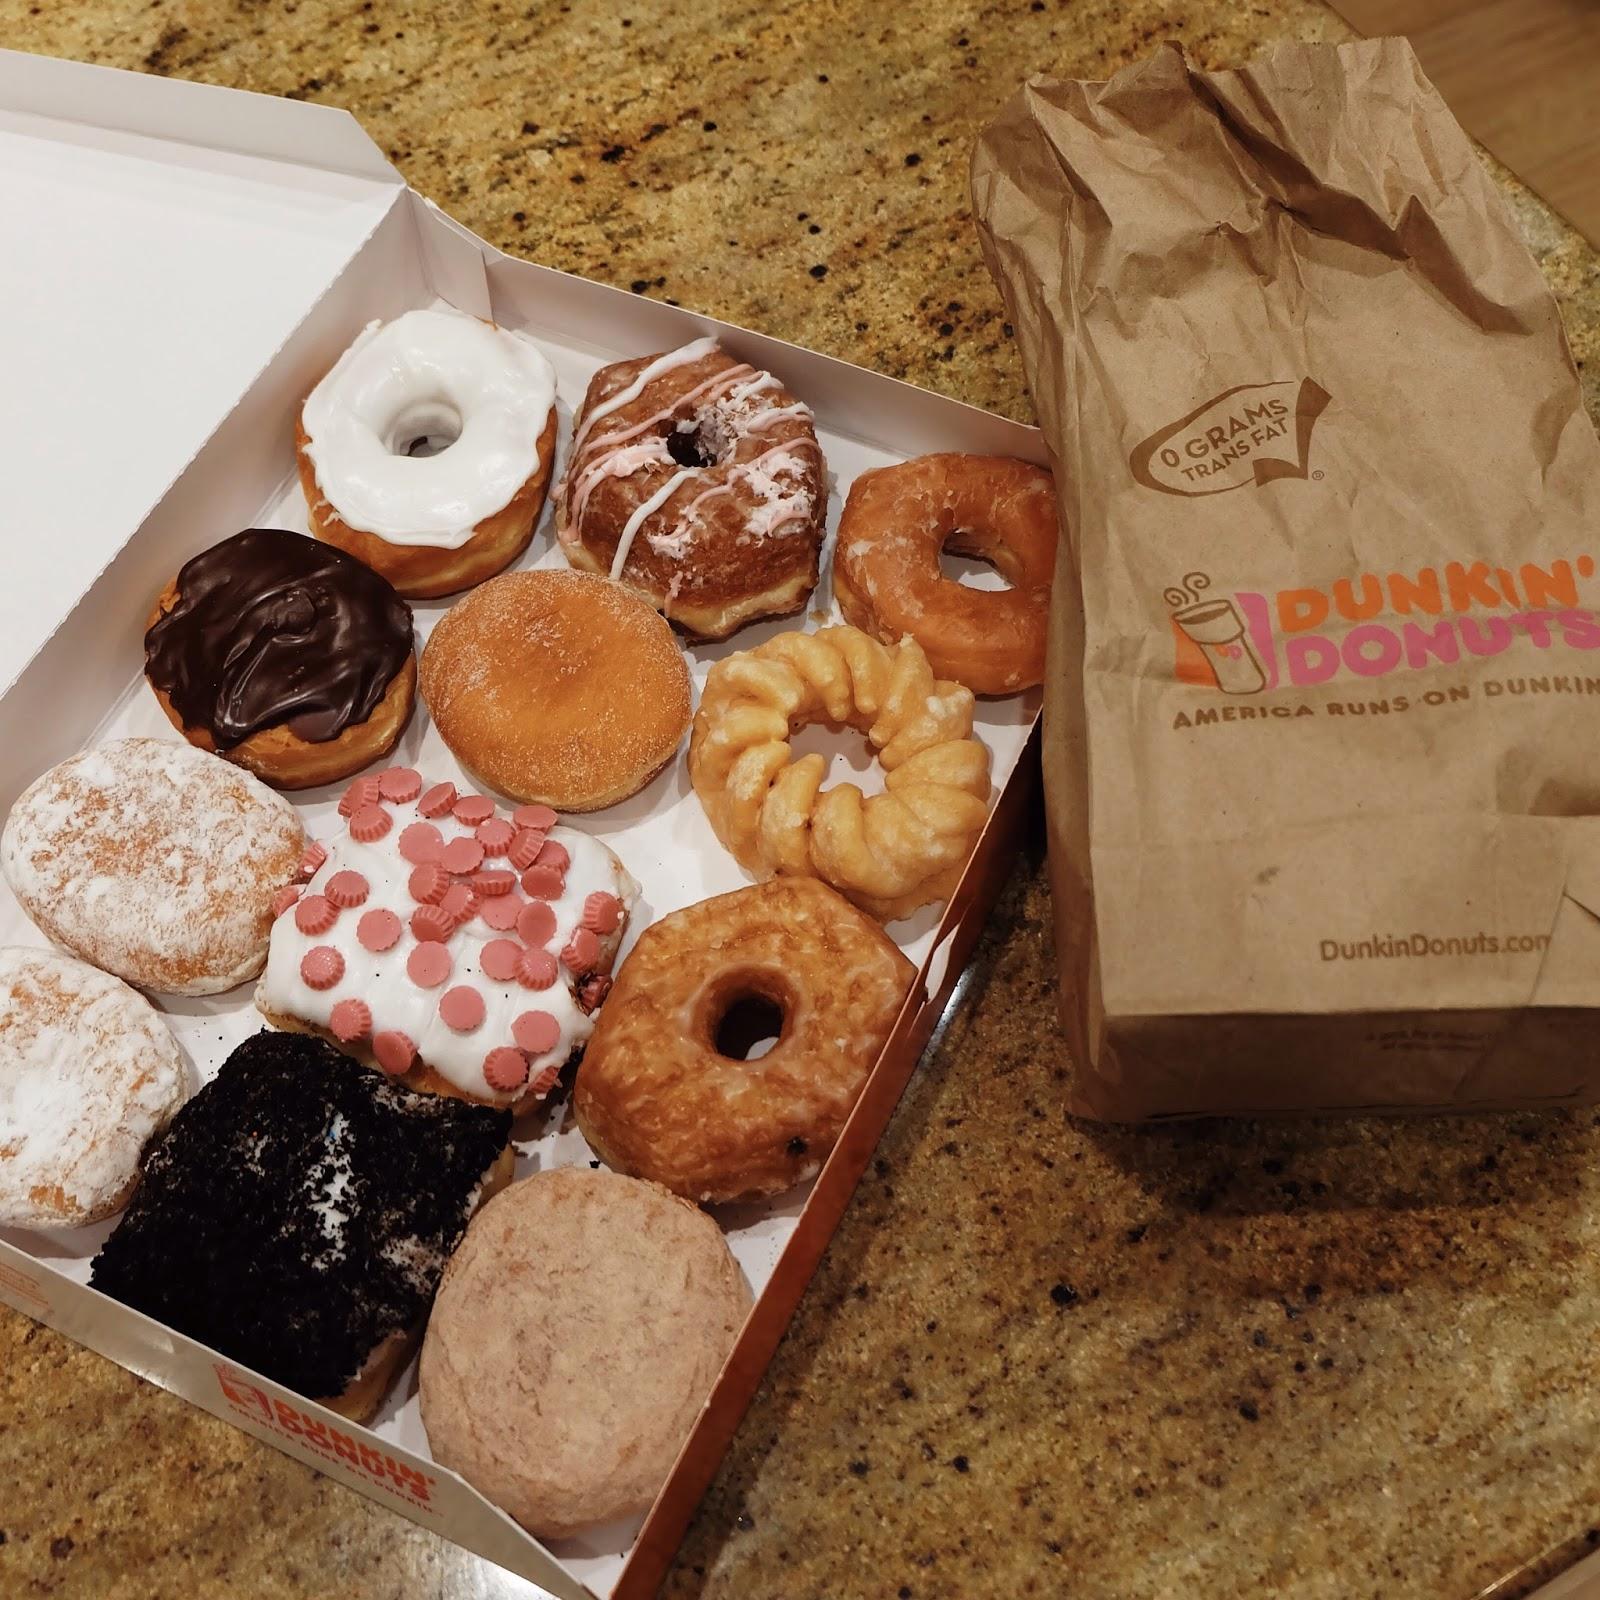 Florida Dunkin Donuts